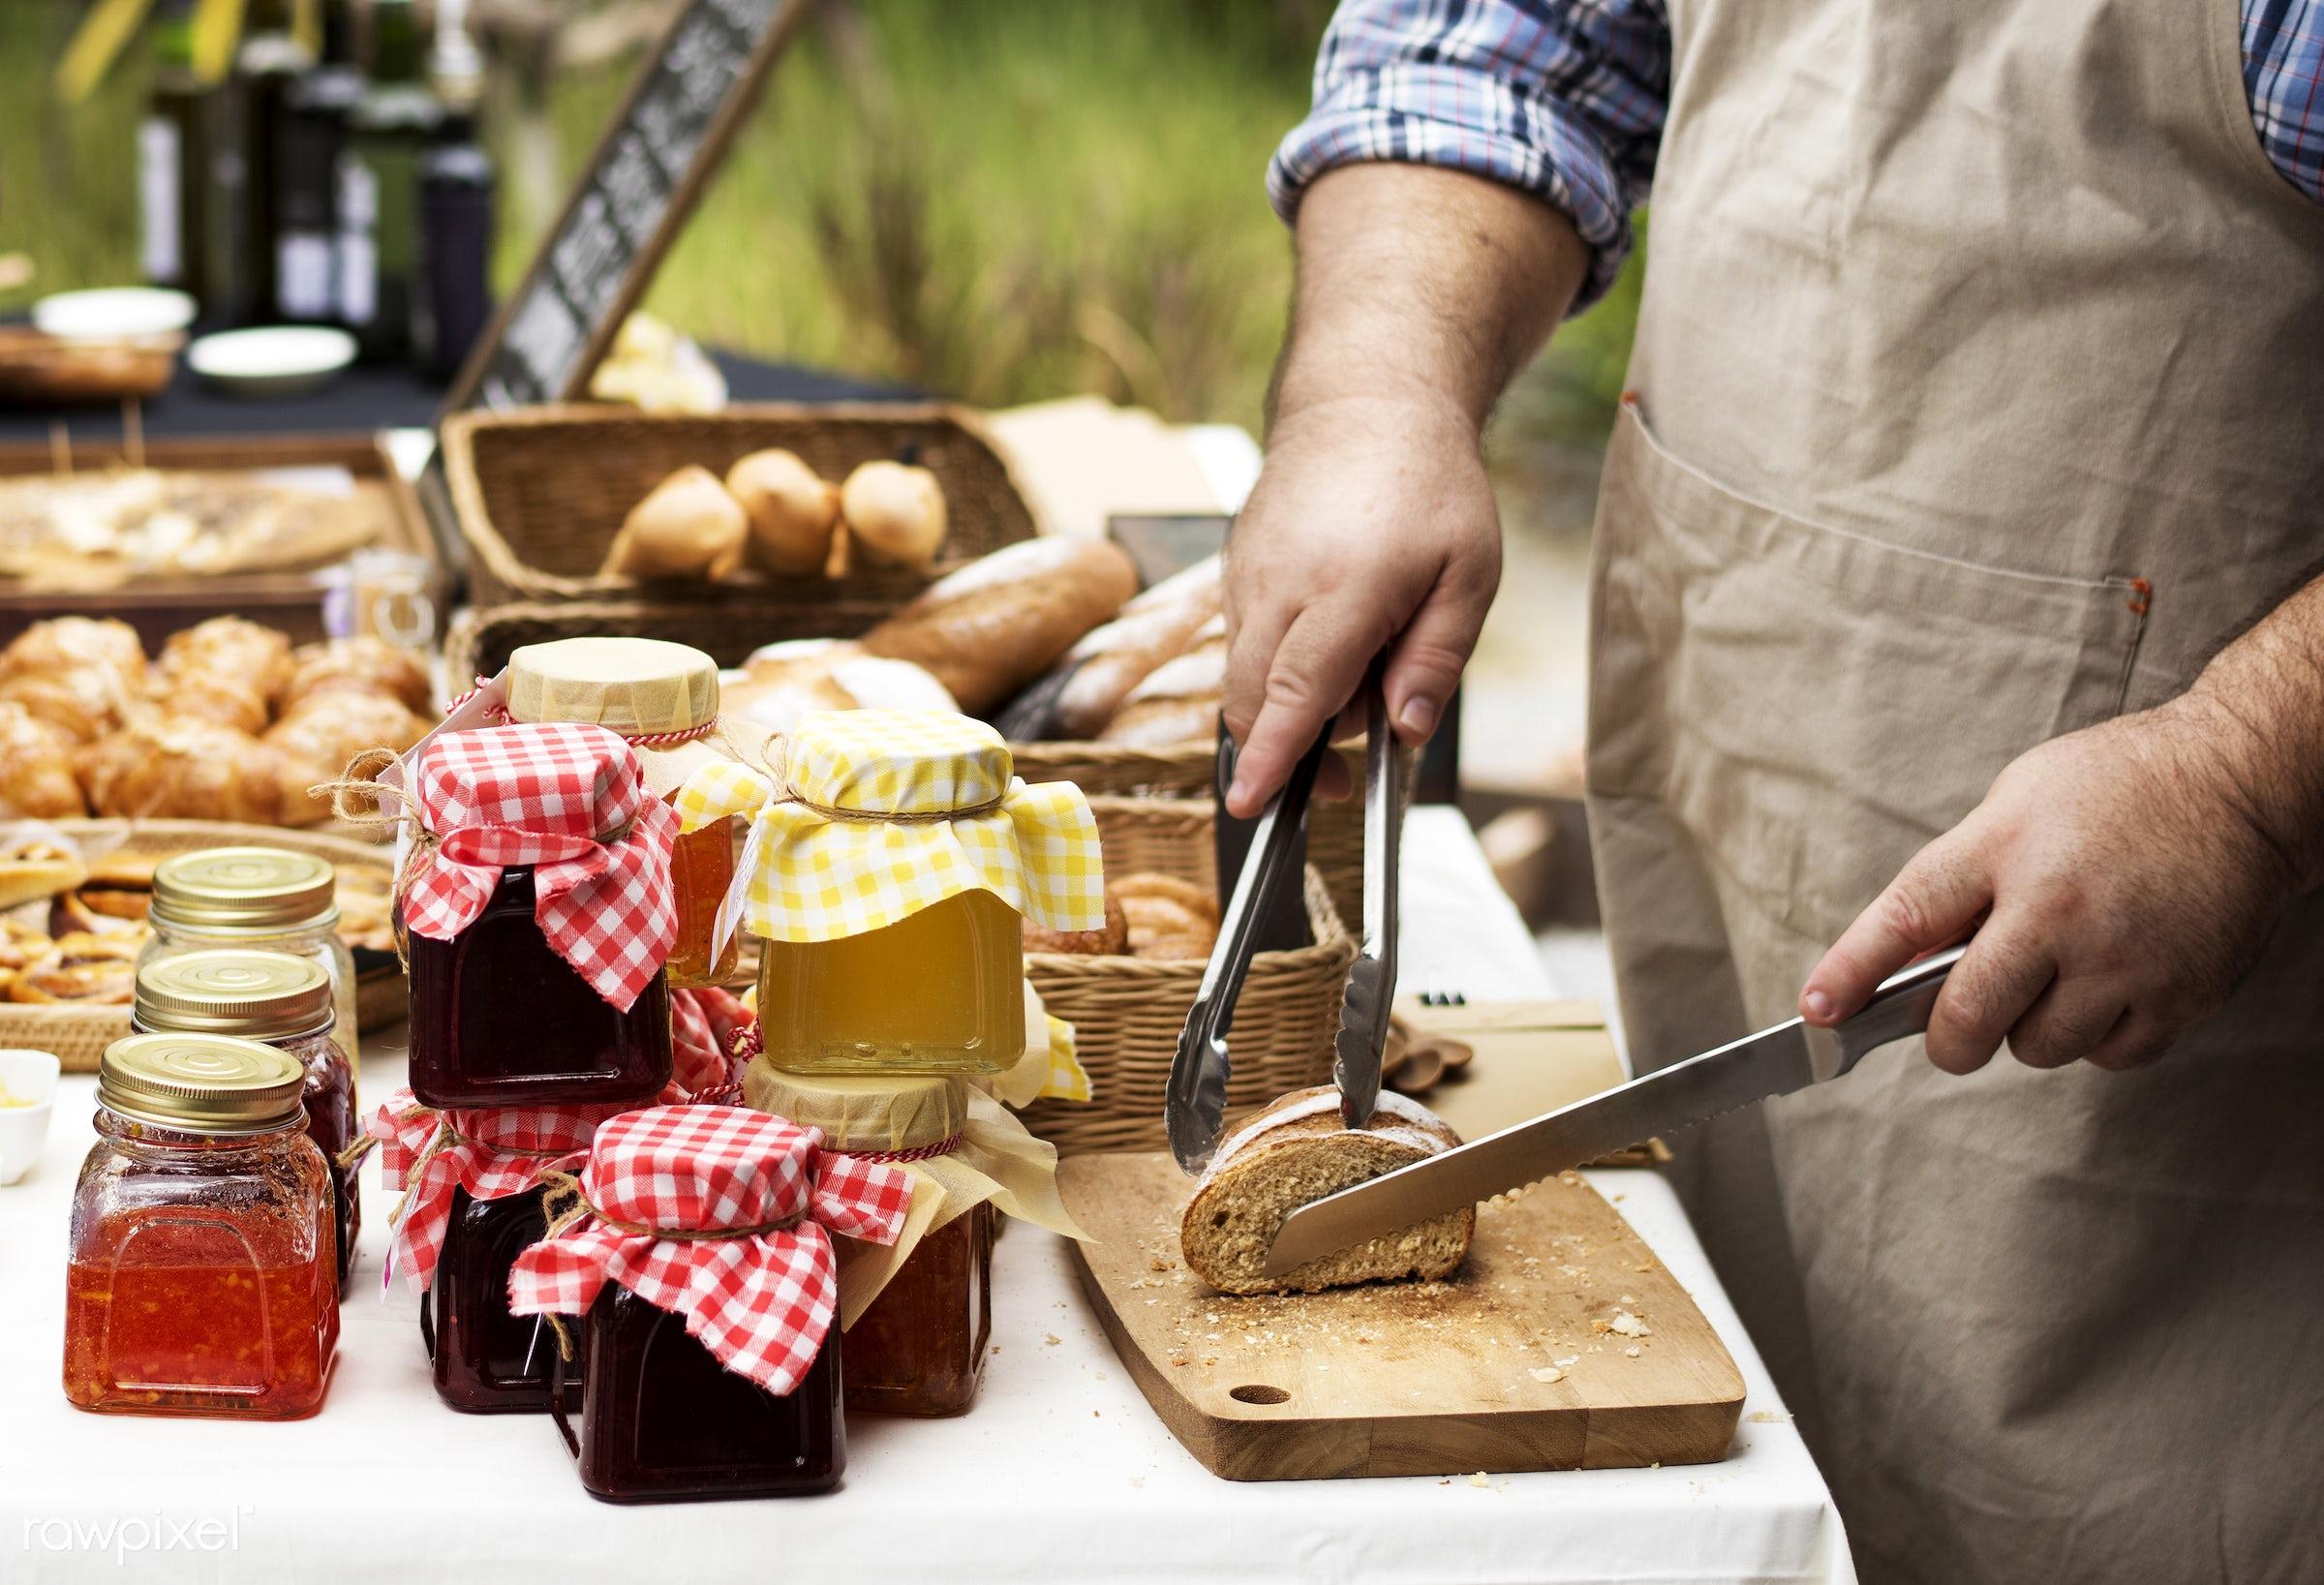 grocery, shop, cutout, cuisine, pastries, stall, bake, goods, homemade, baked, taste, bakery, fresh, bread, various, jam,...